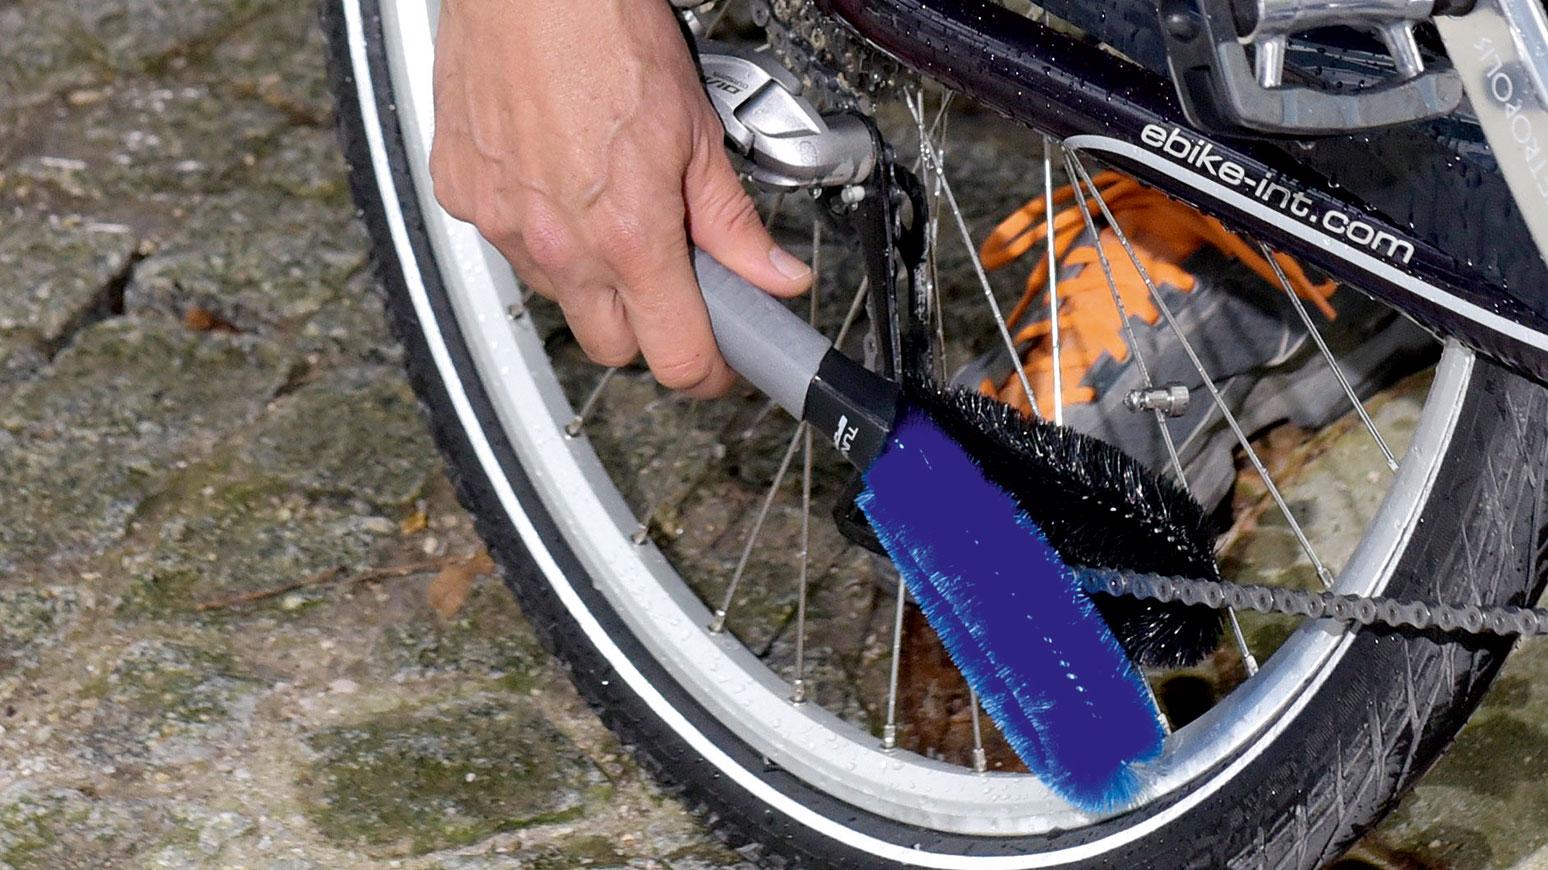 Fahrrad, Reinigung, Pflege, Wartung, Inspektion, Produkte